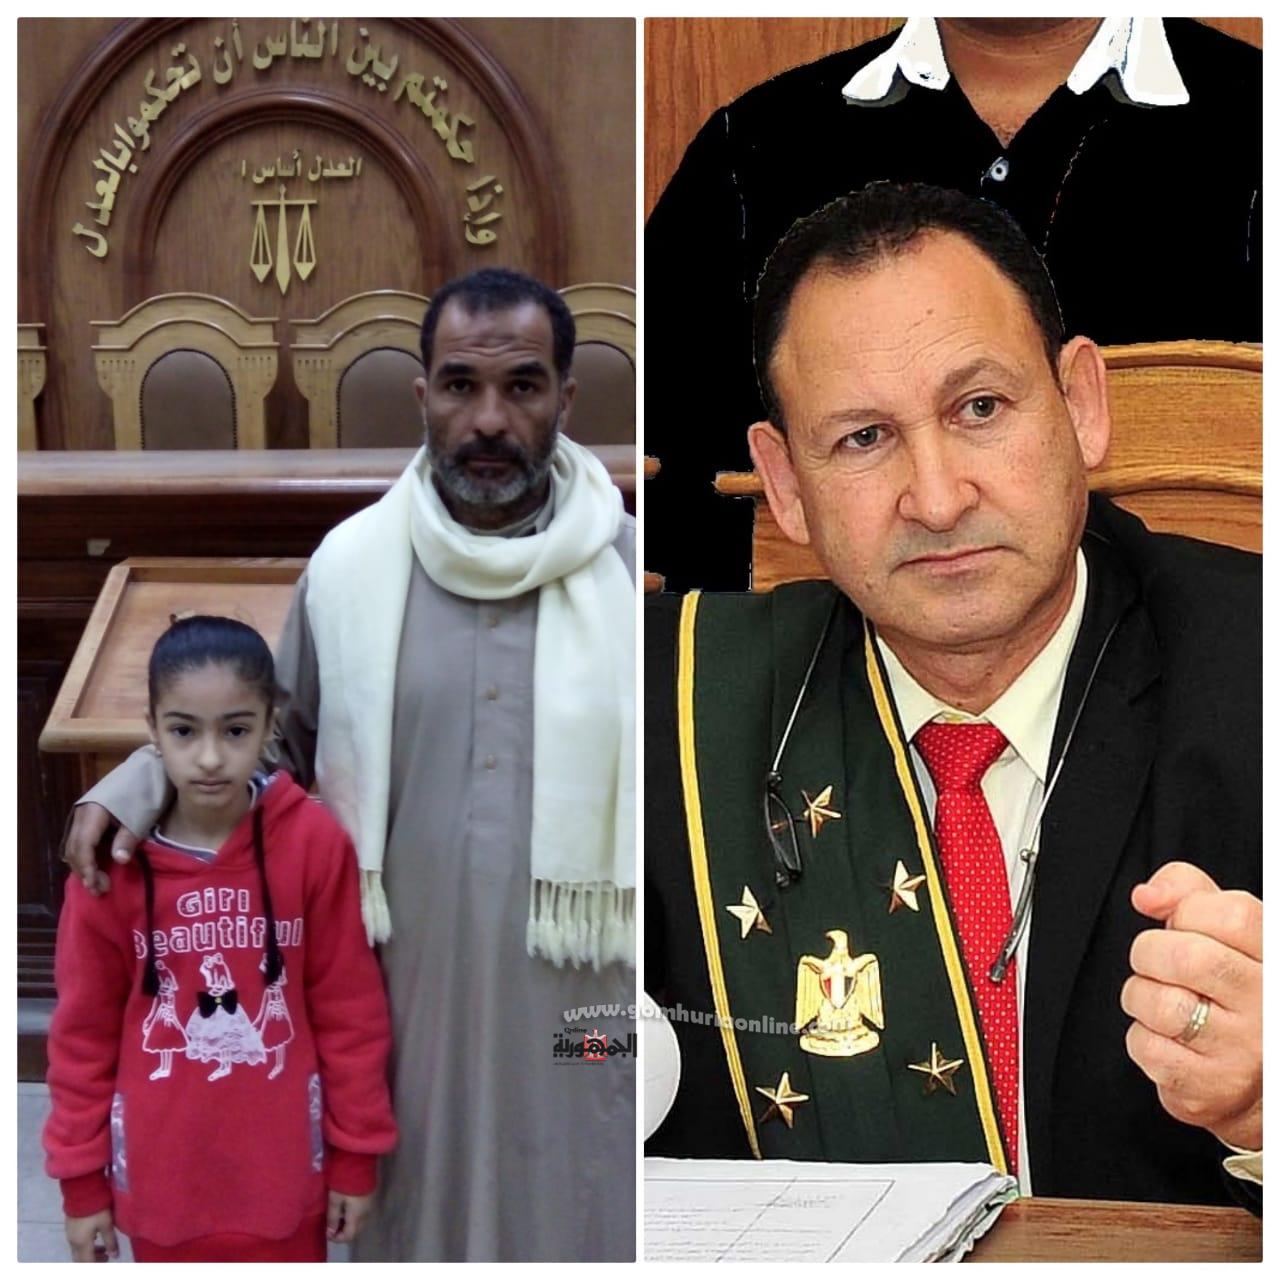 المستشار الدكتور محمد عبدالوهاب خفاجى والطفلة مع والدها